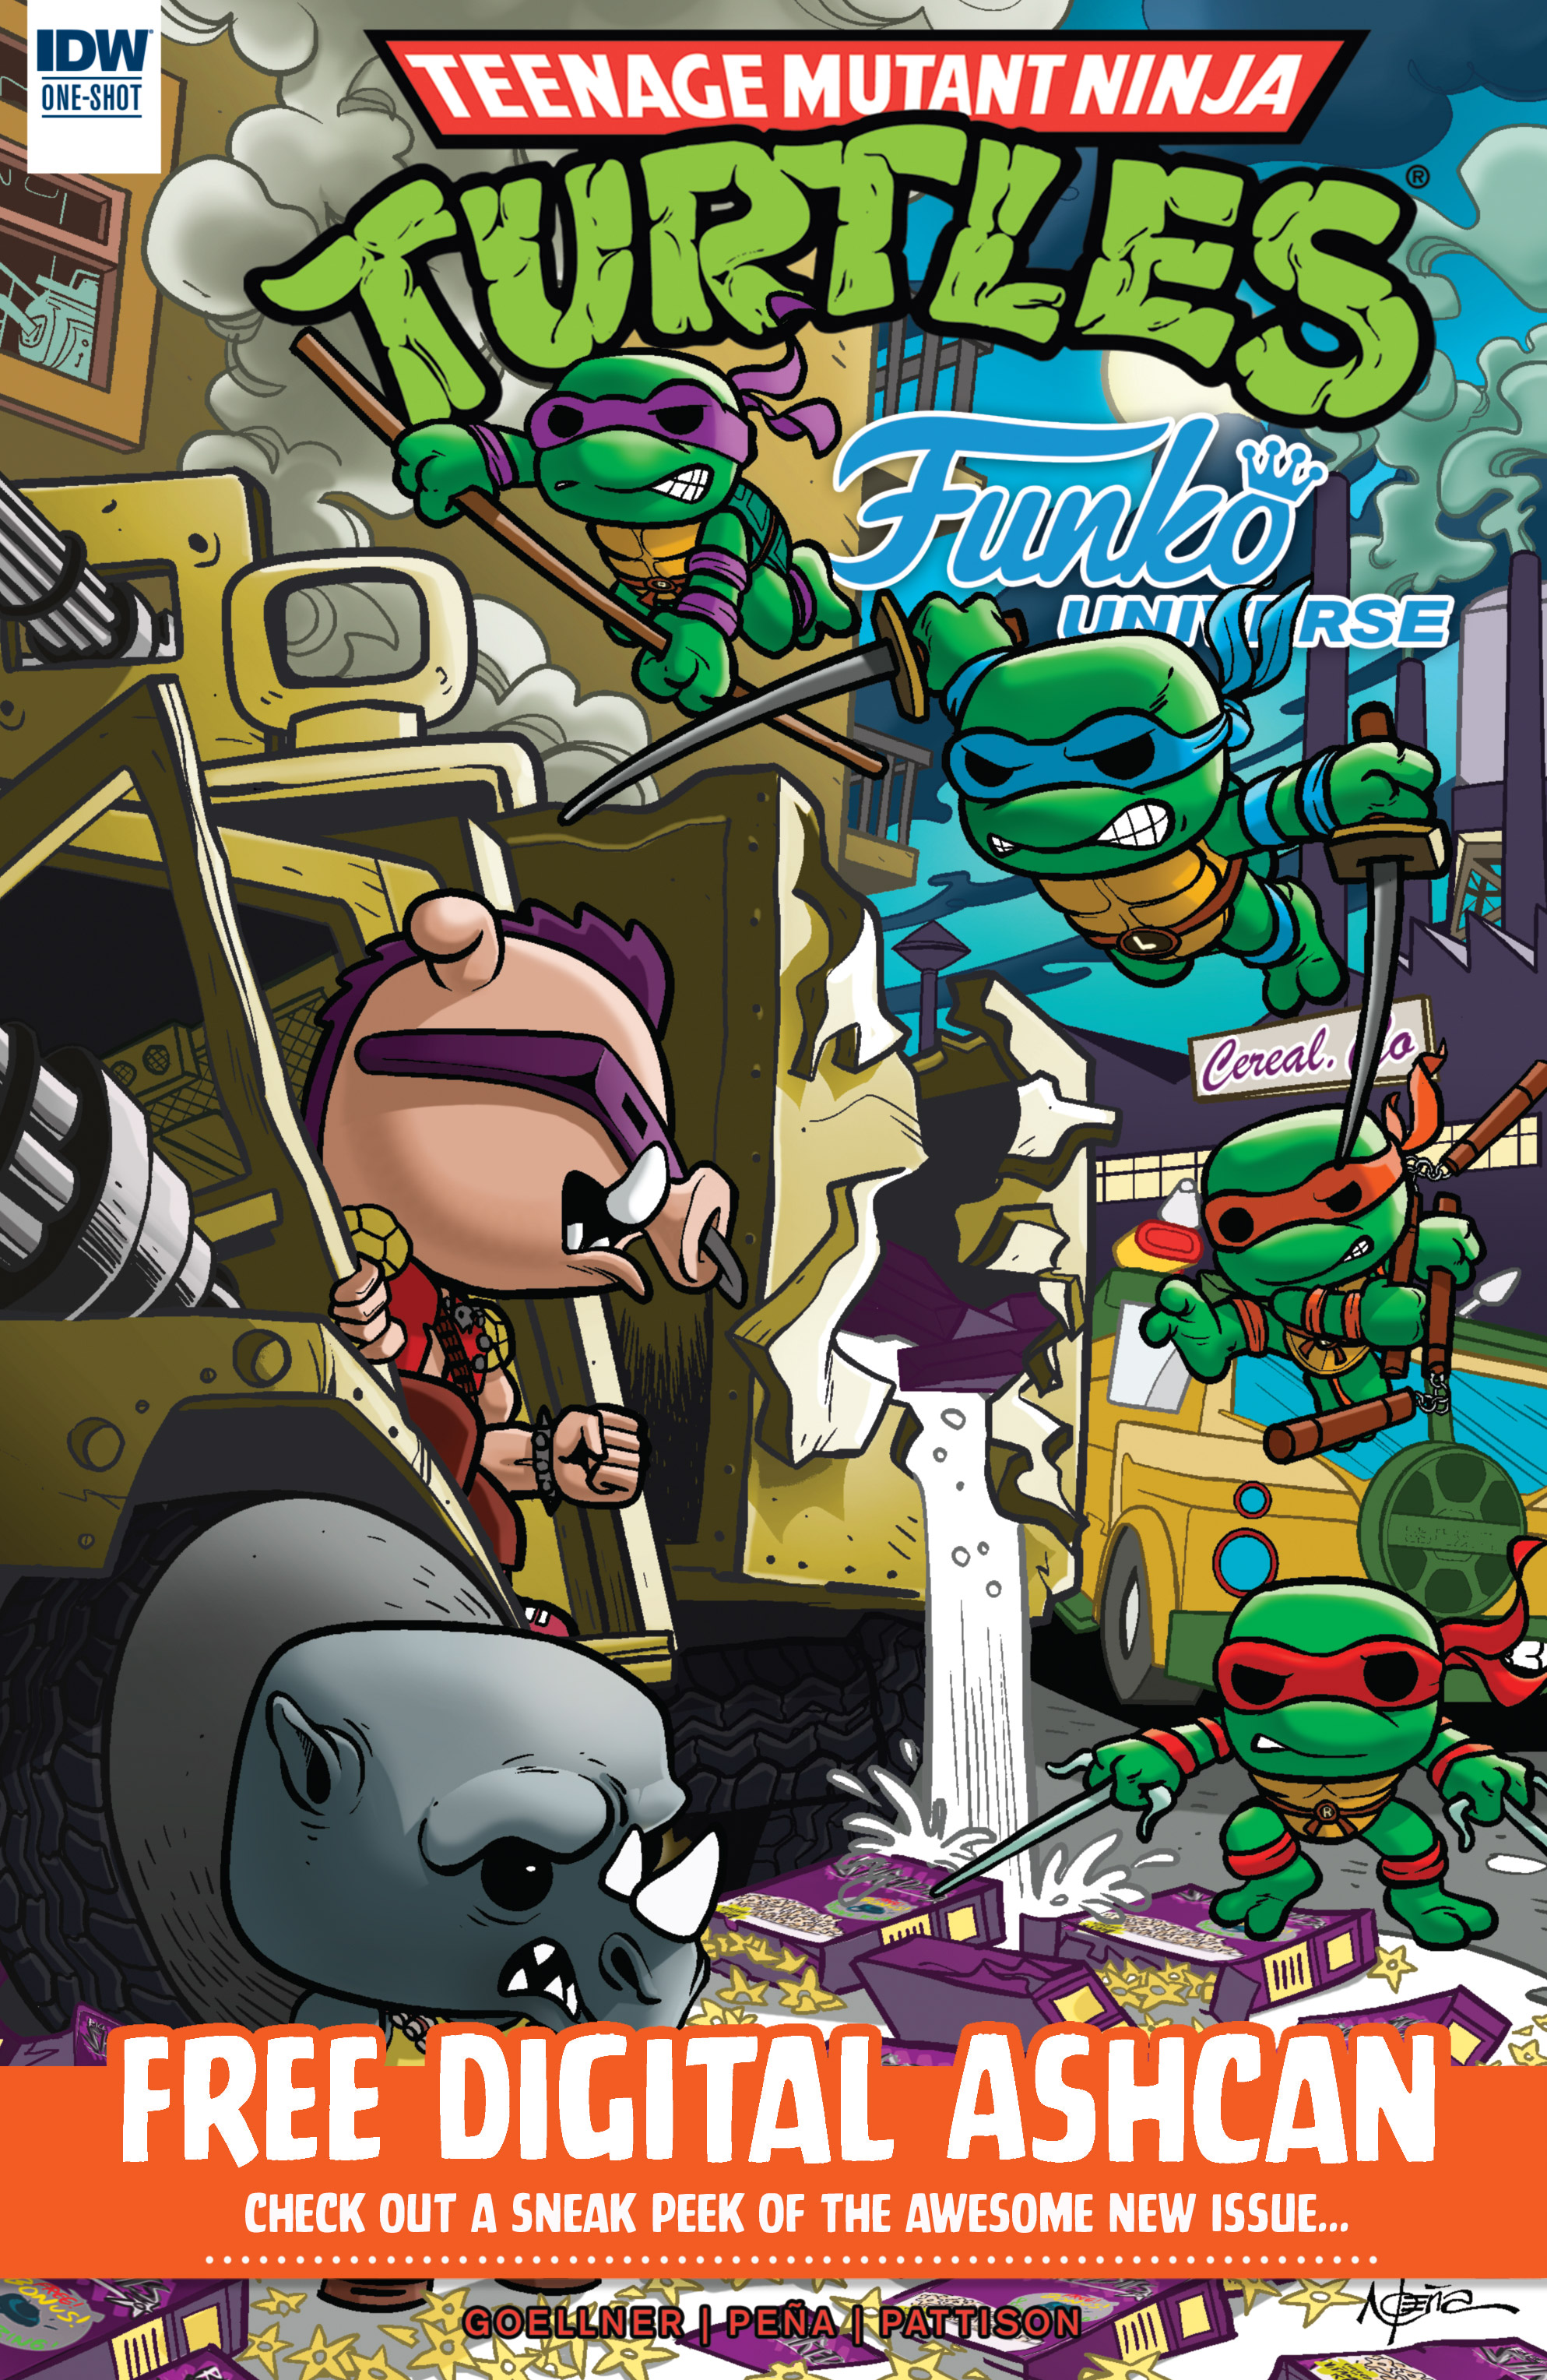 Read online Teenage Mutant Ninja Turtles Universe comic -  Issue #11 - 28